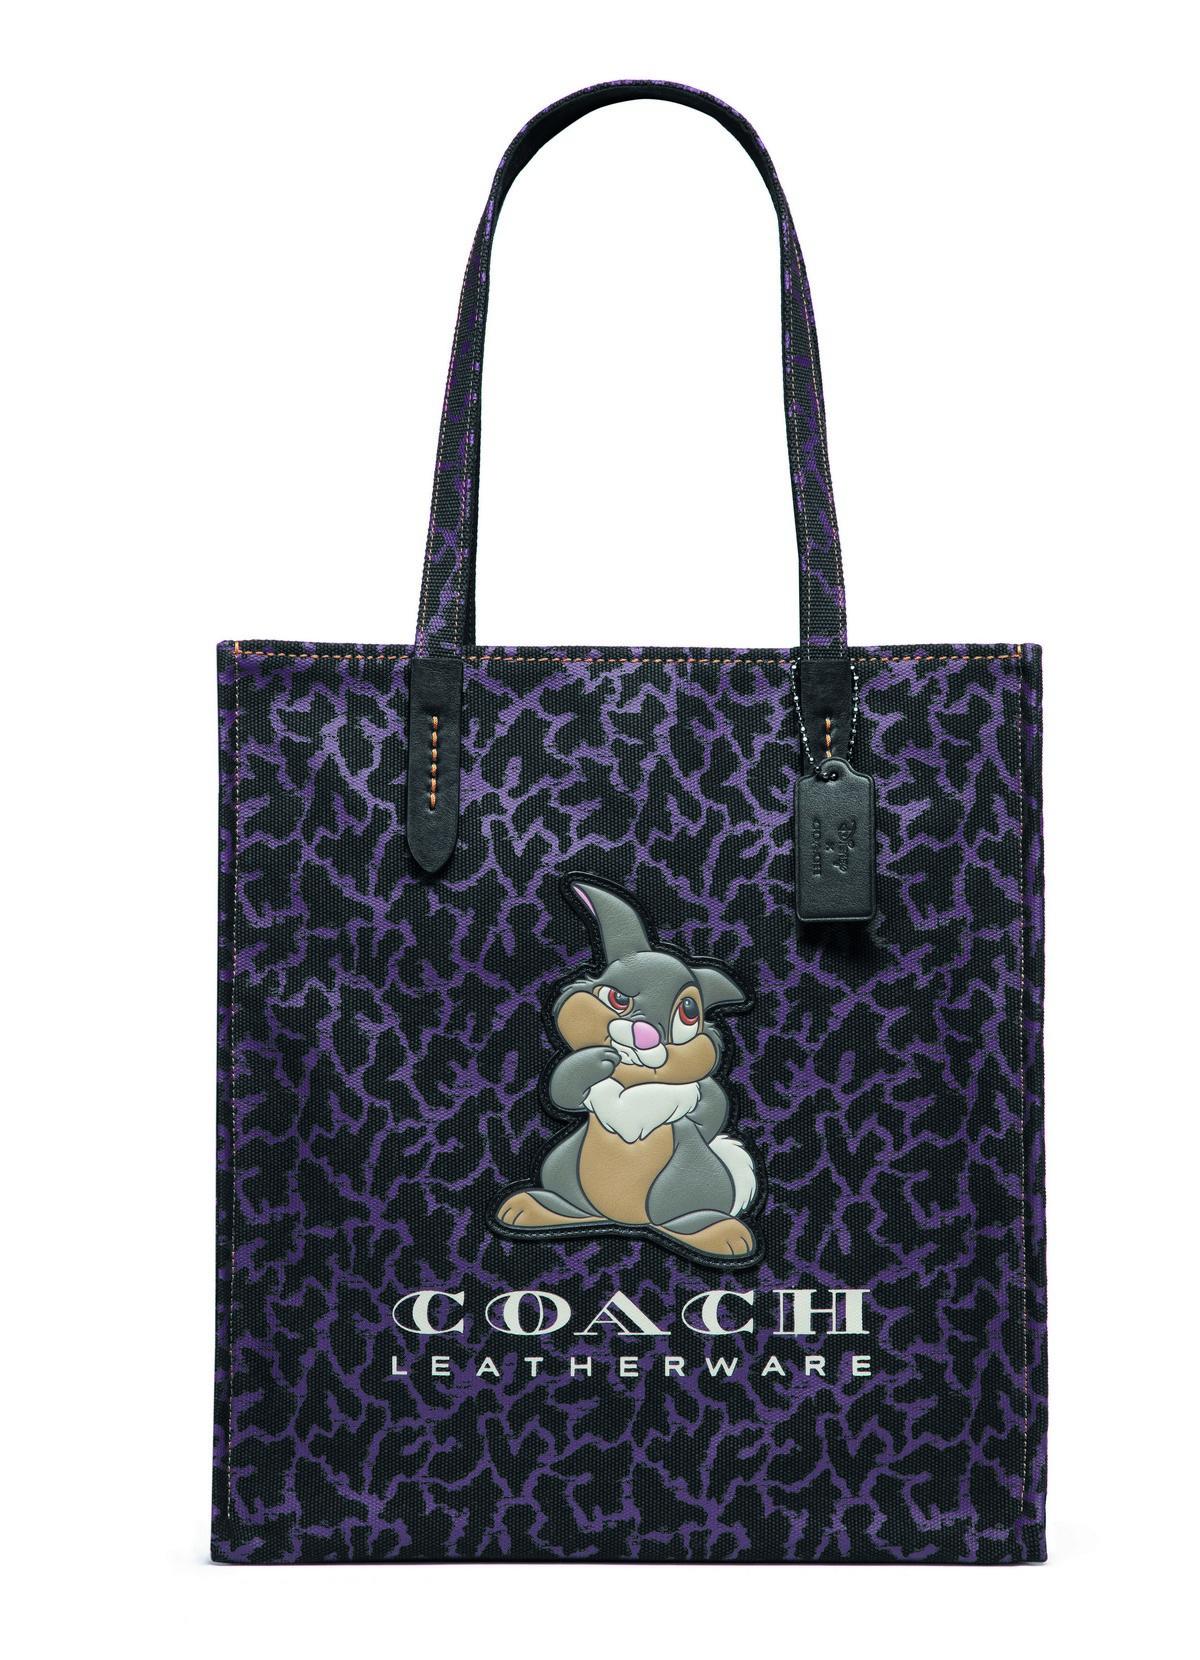 Coach Disney collezione 2019